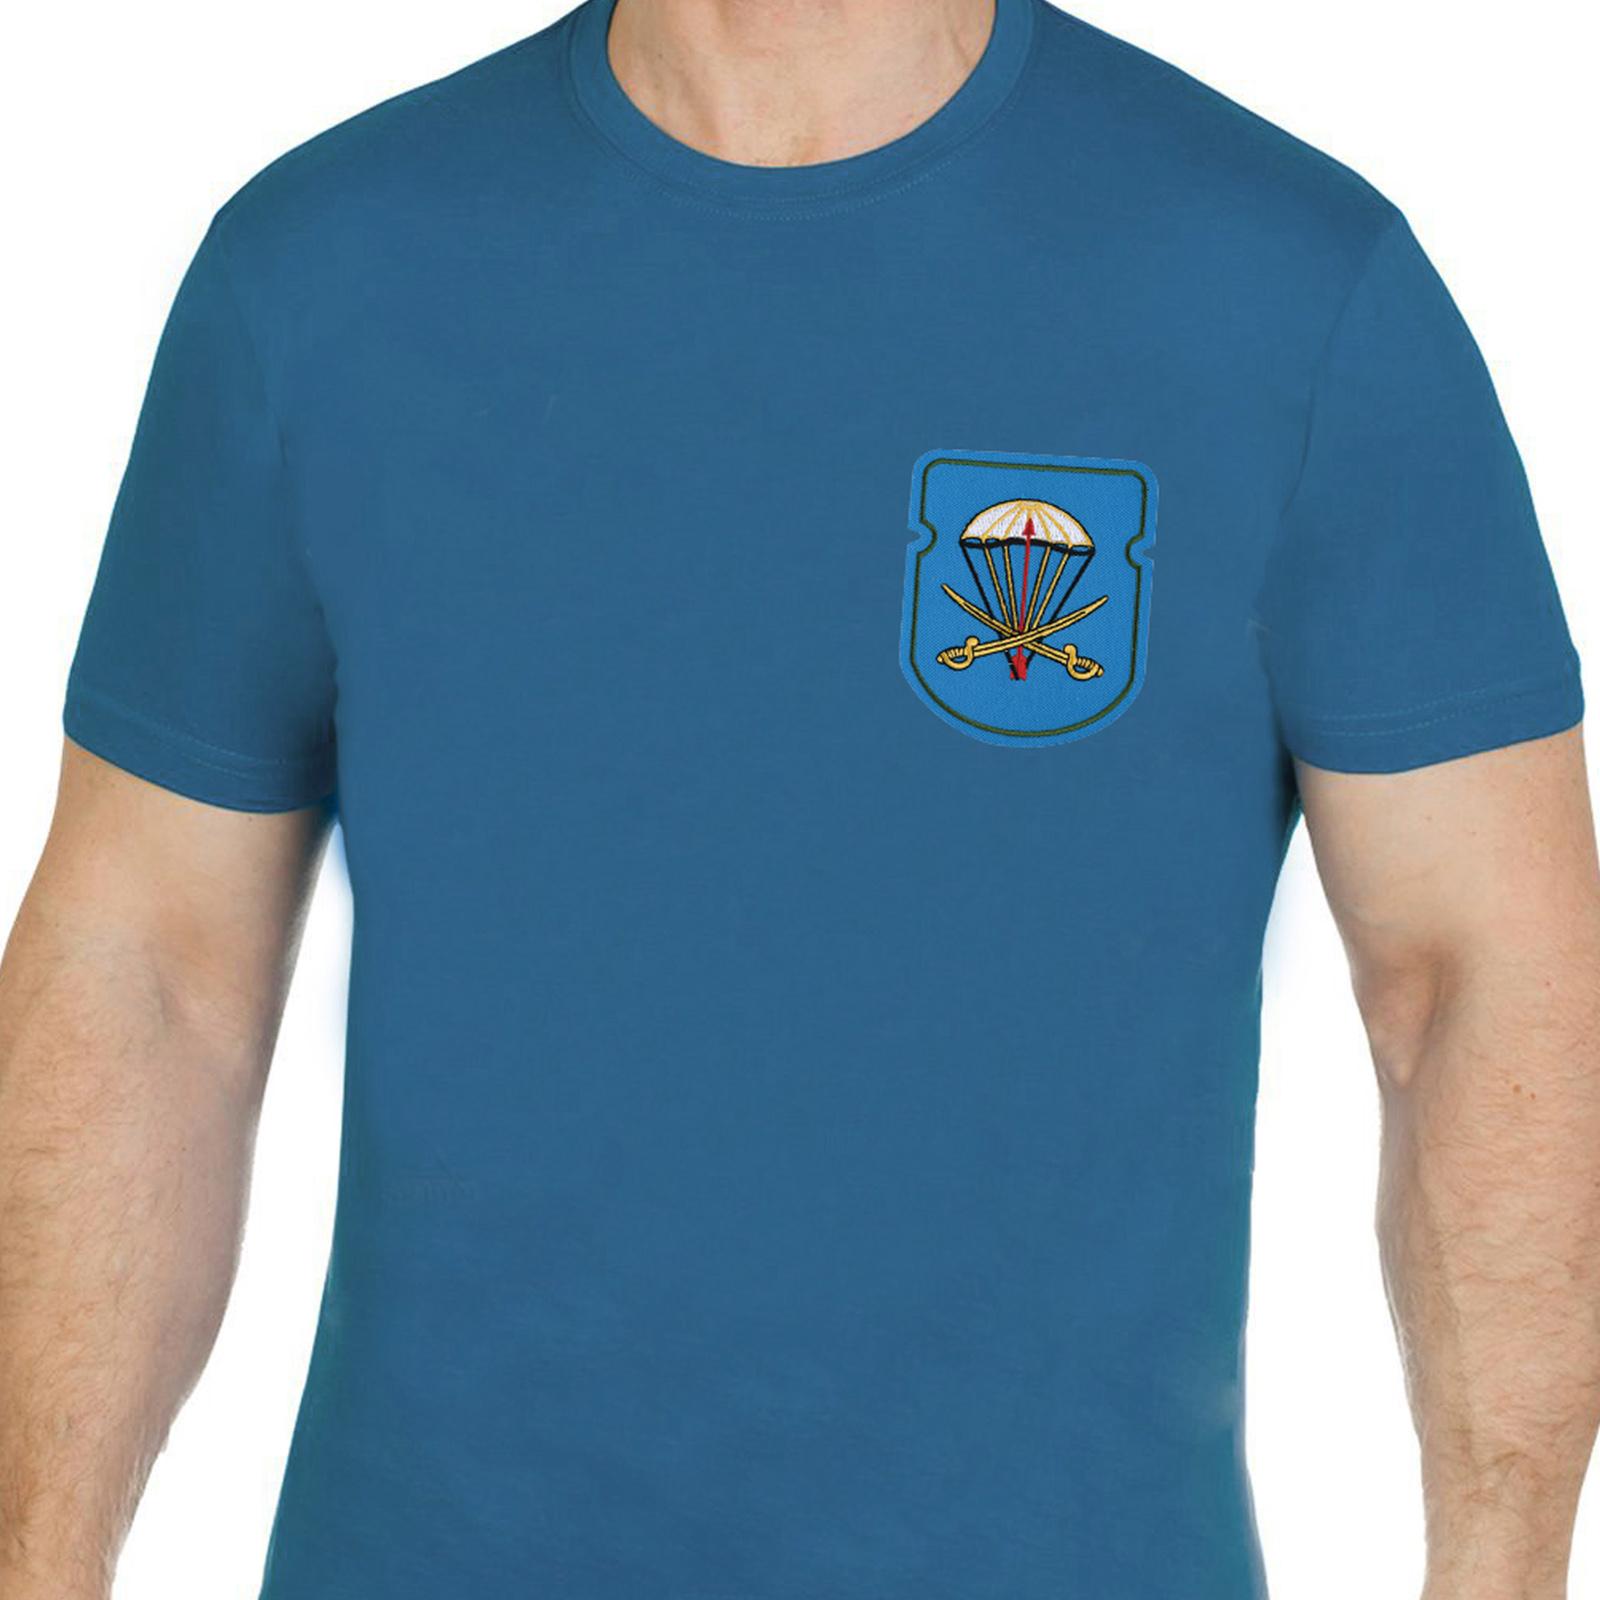 Практичная хлопковая футболка с вышивкой ВДВ